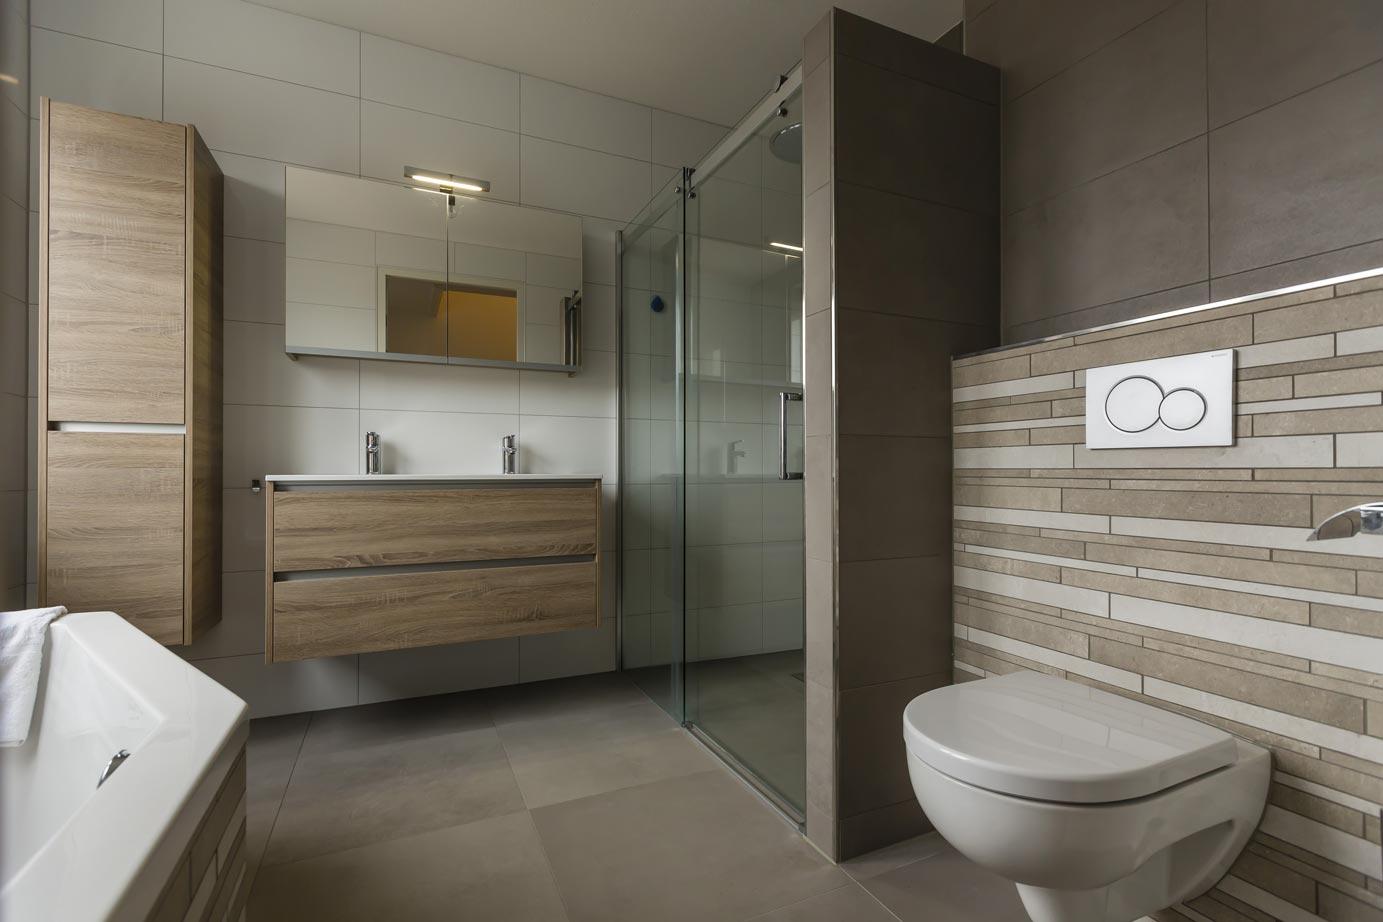 Vloertegels in badkamer zwart vloertegels badkamer promotie winkel voor - Keuken porcelanosa ...